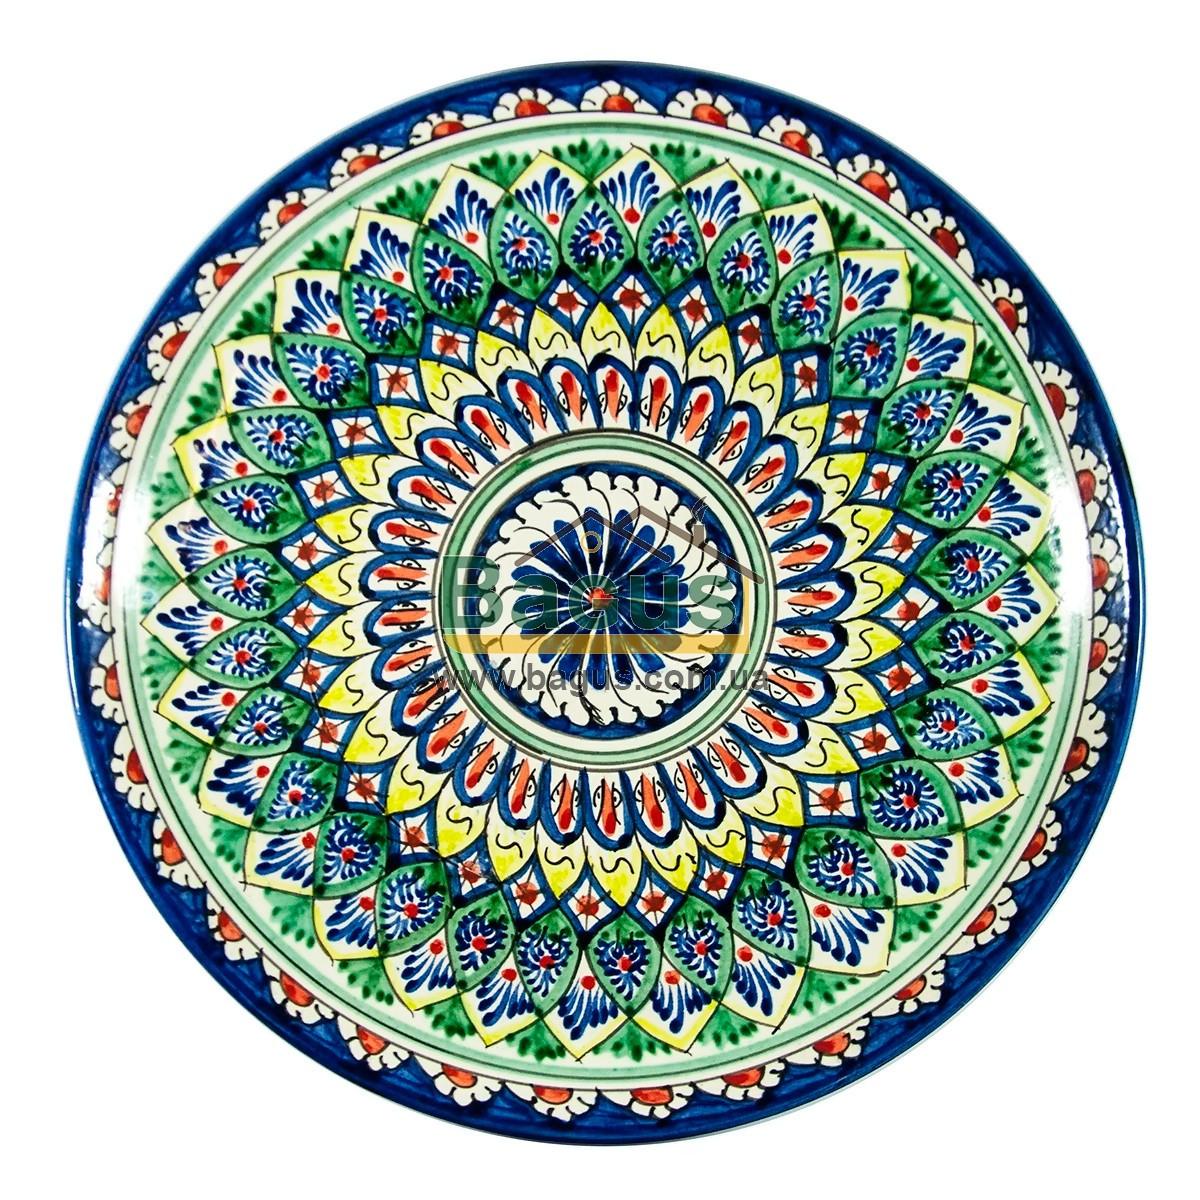 Ляган узбекский (тарелка узбекская) диаметр 32см ручная работа 3204-03